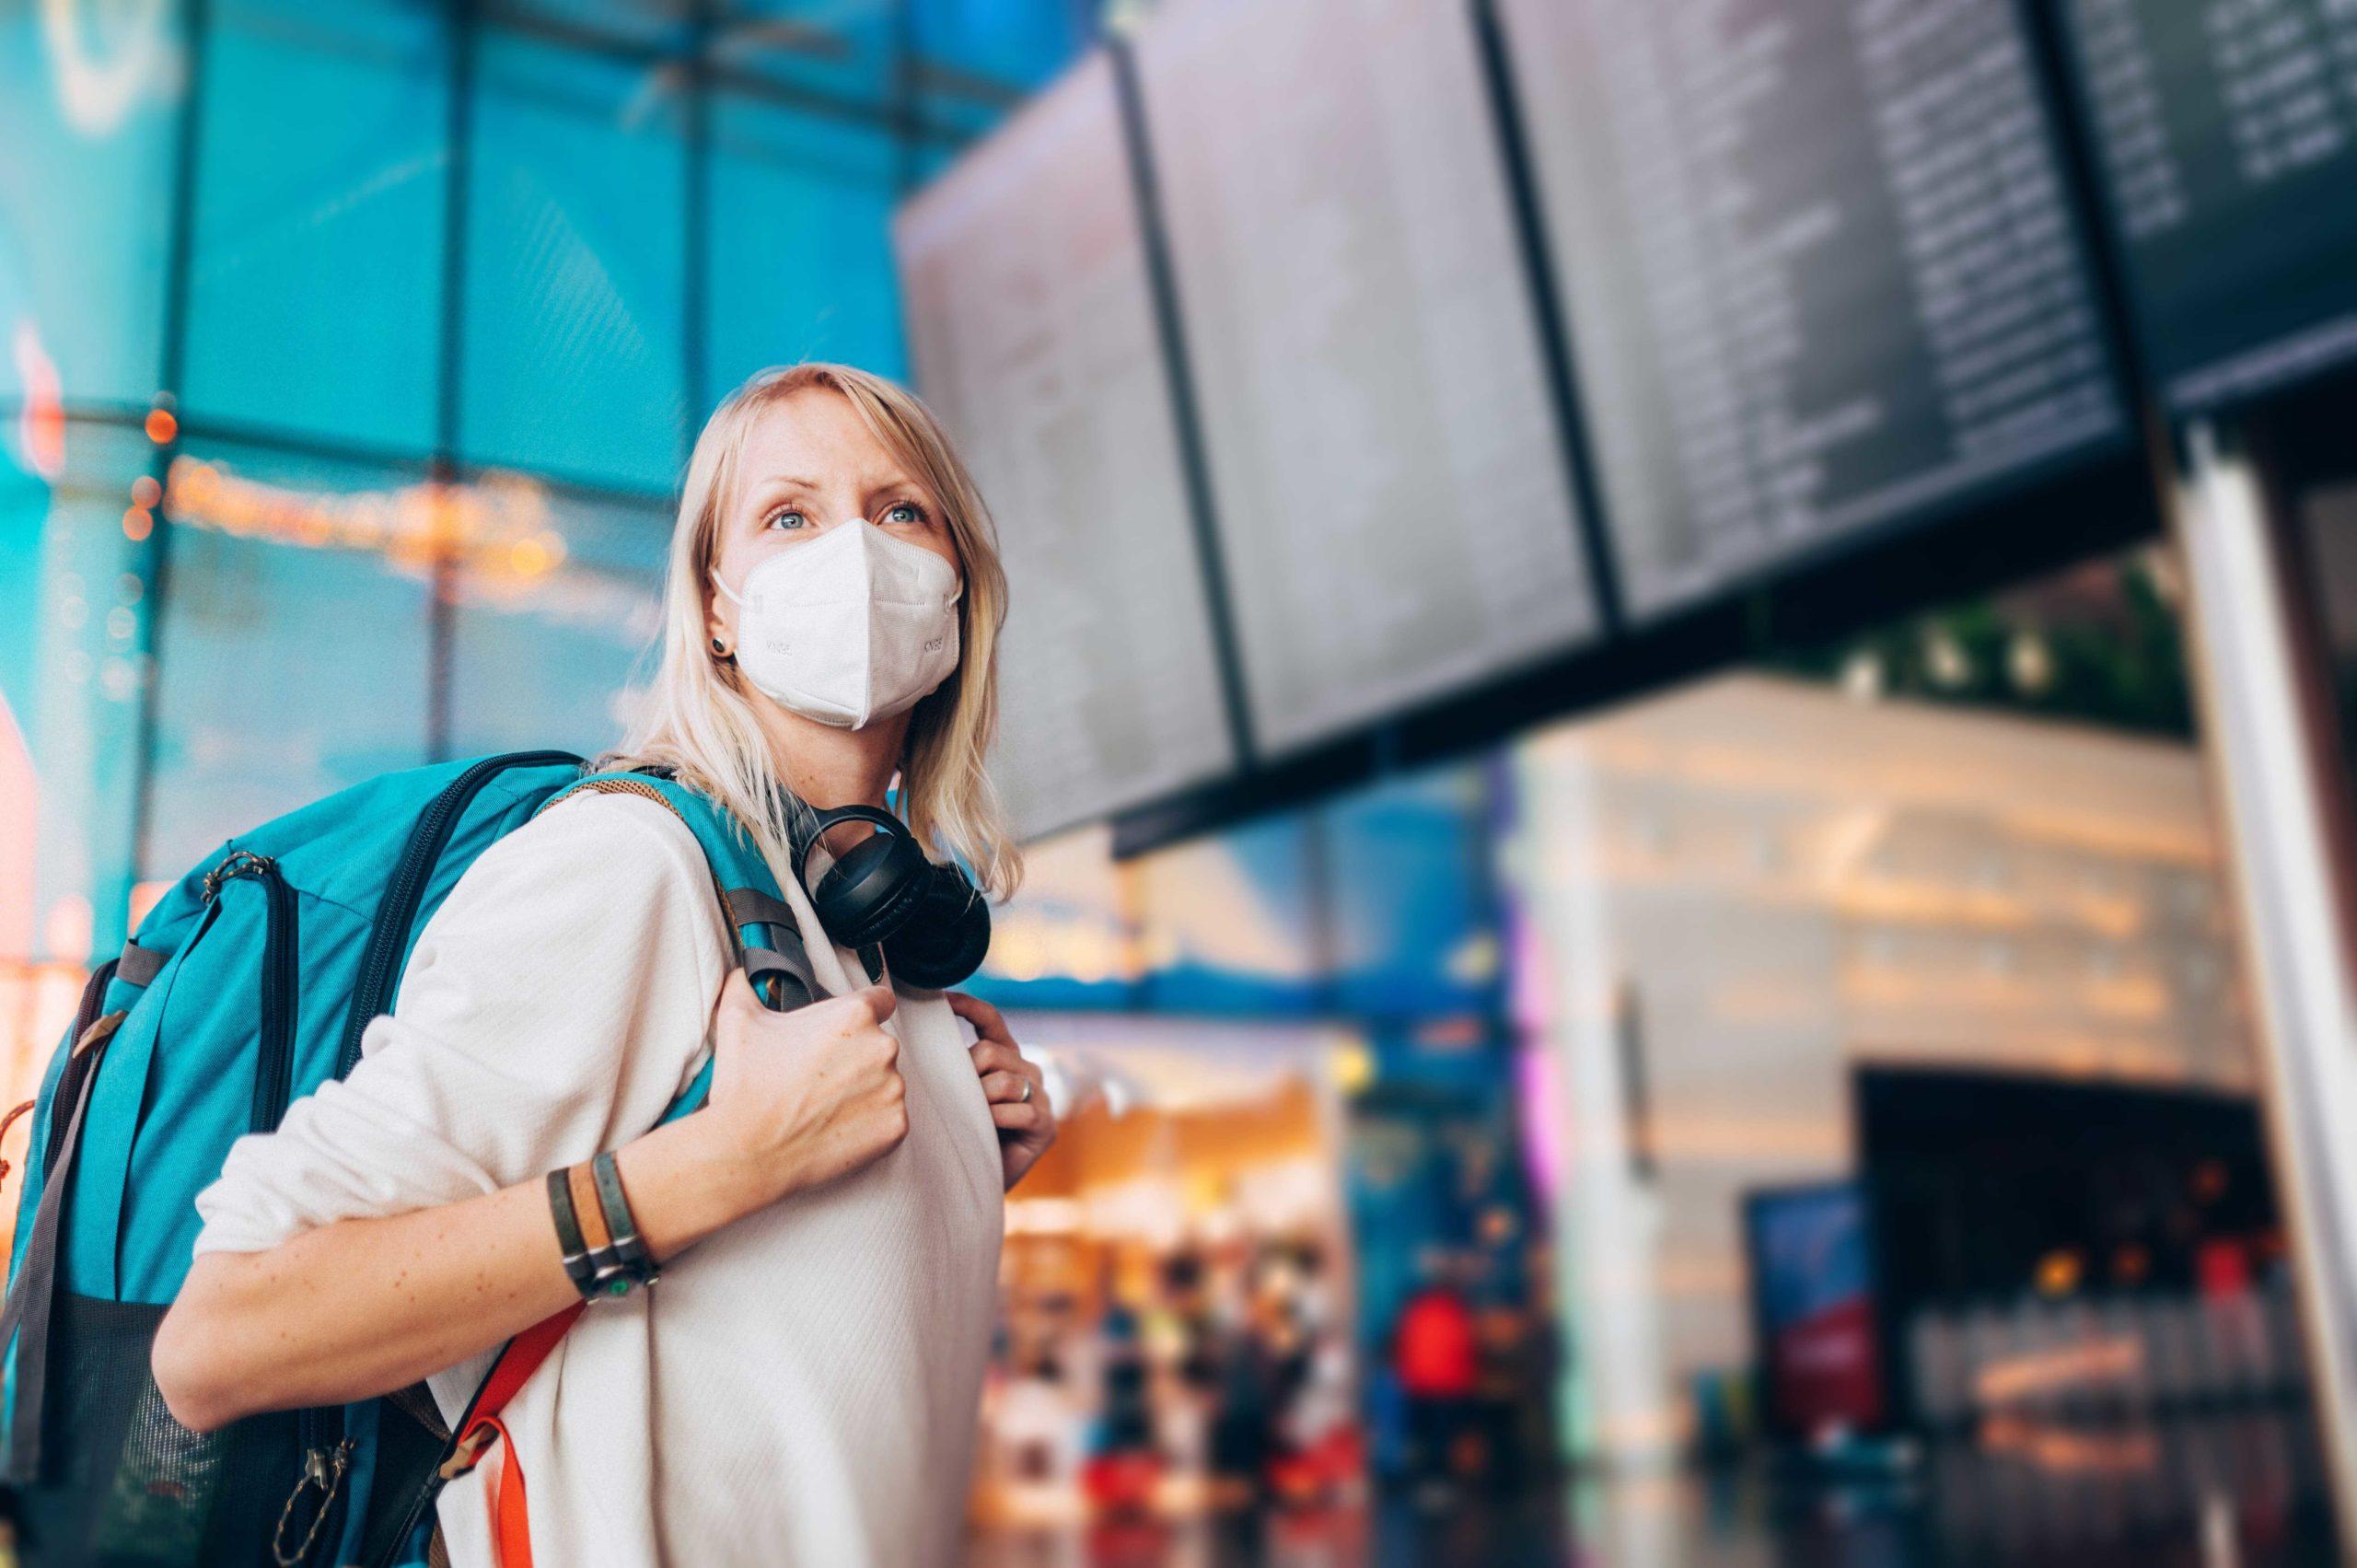 donna in aeroporto con mascherina